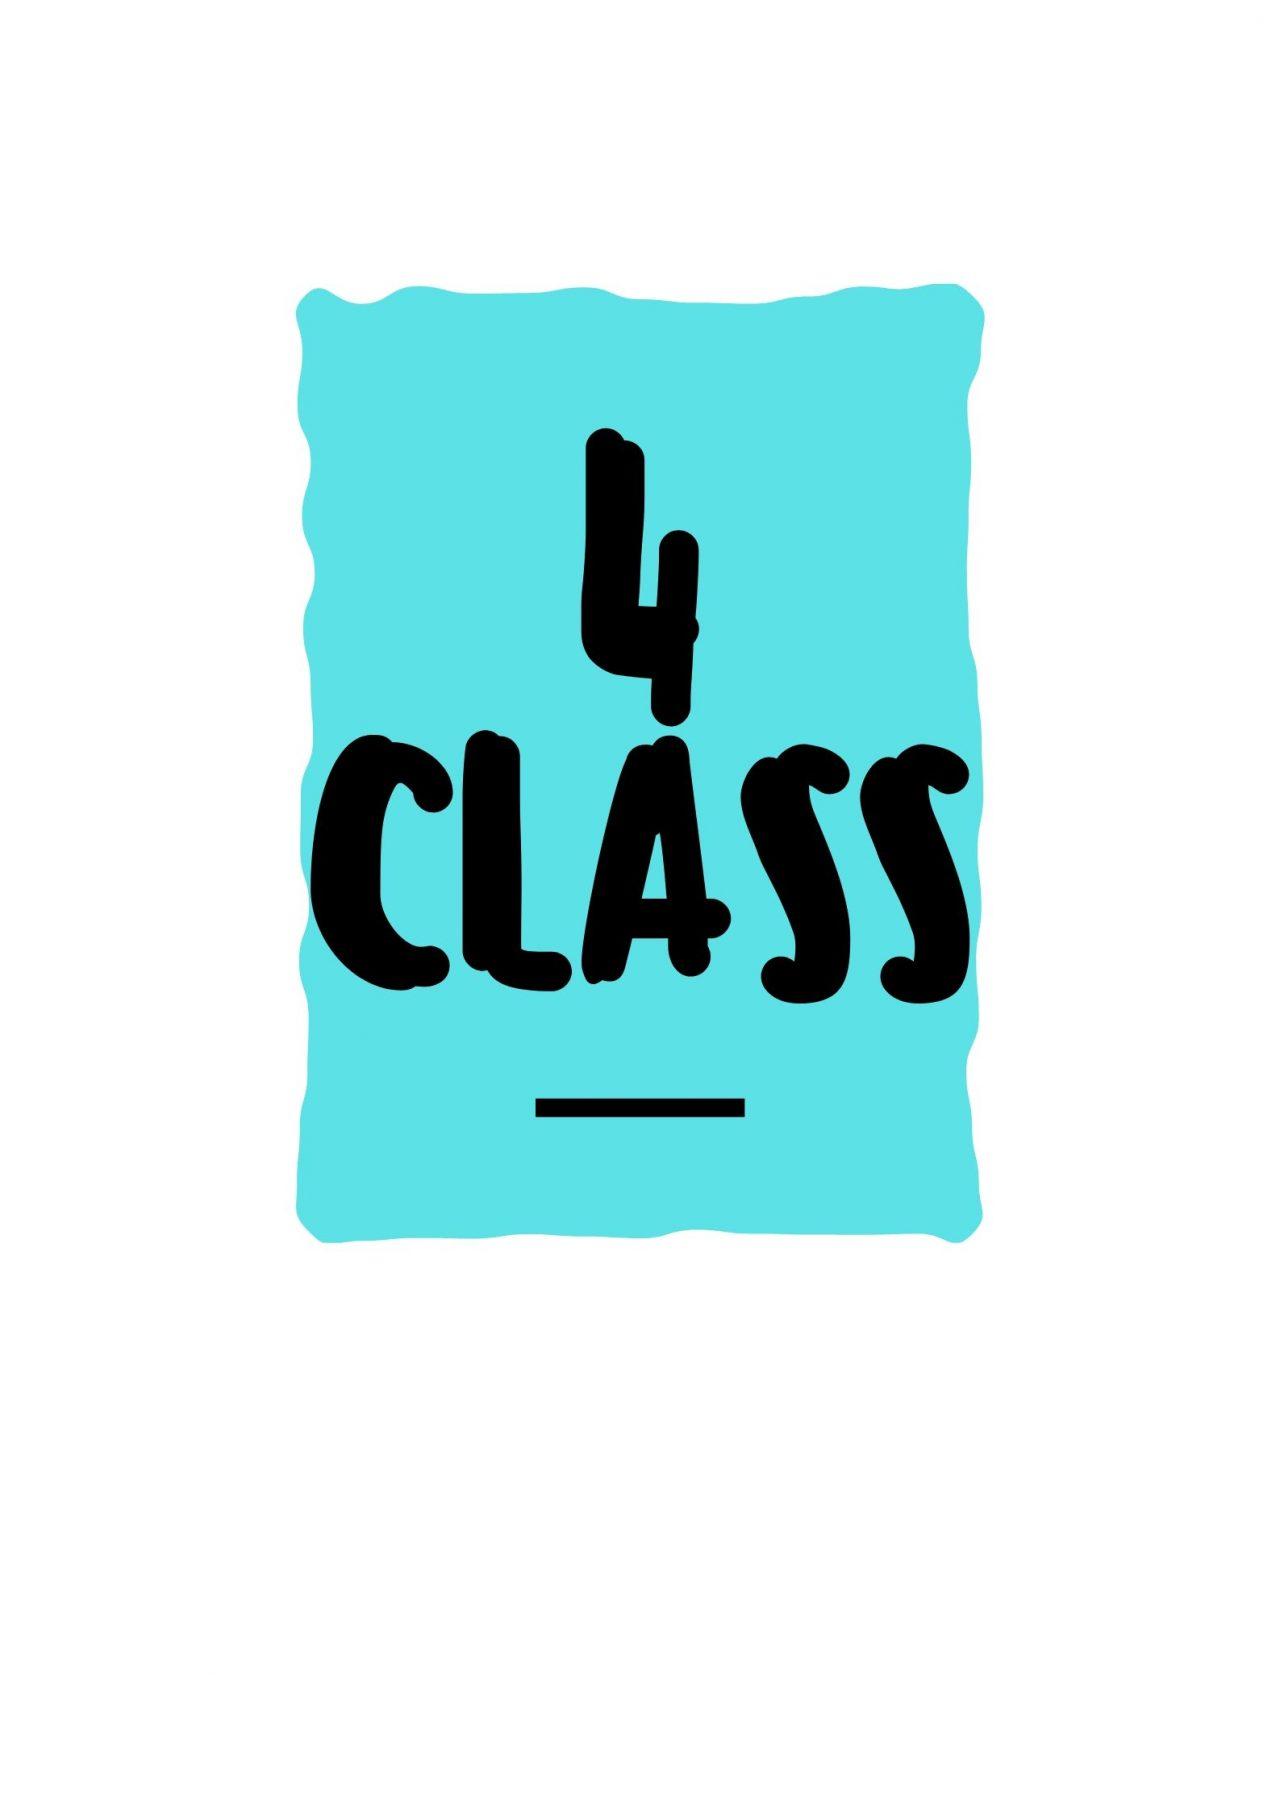 4-class-pass-1280x1811.jpg